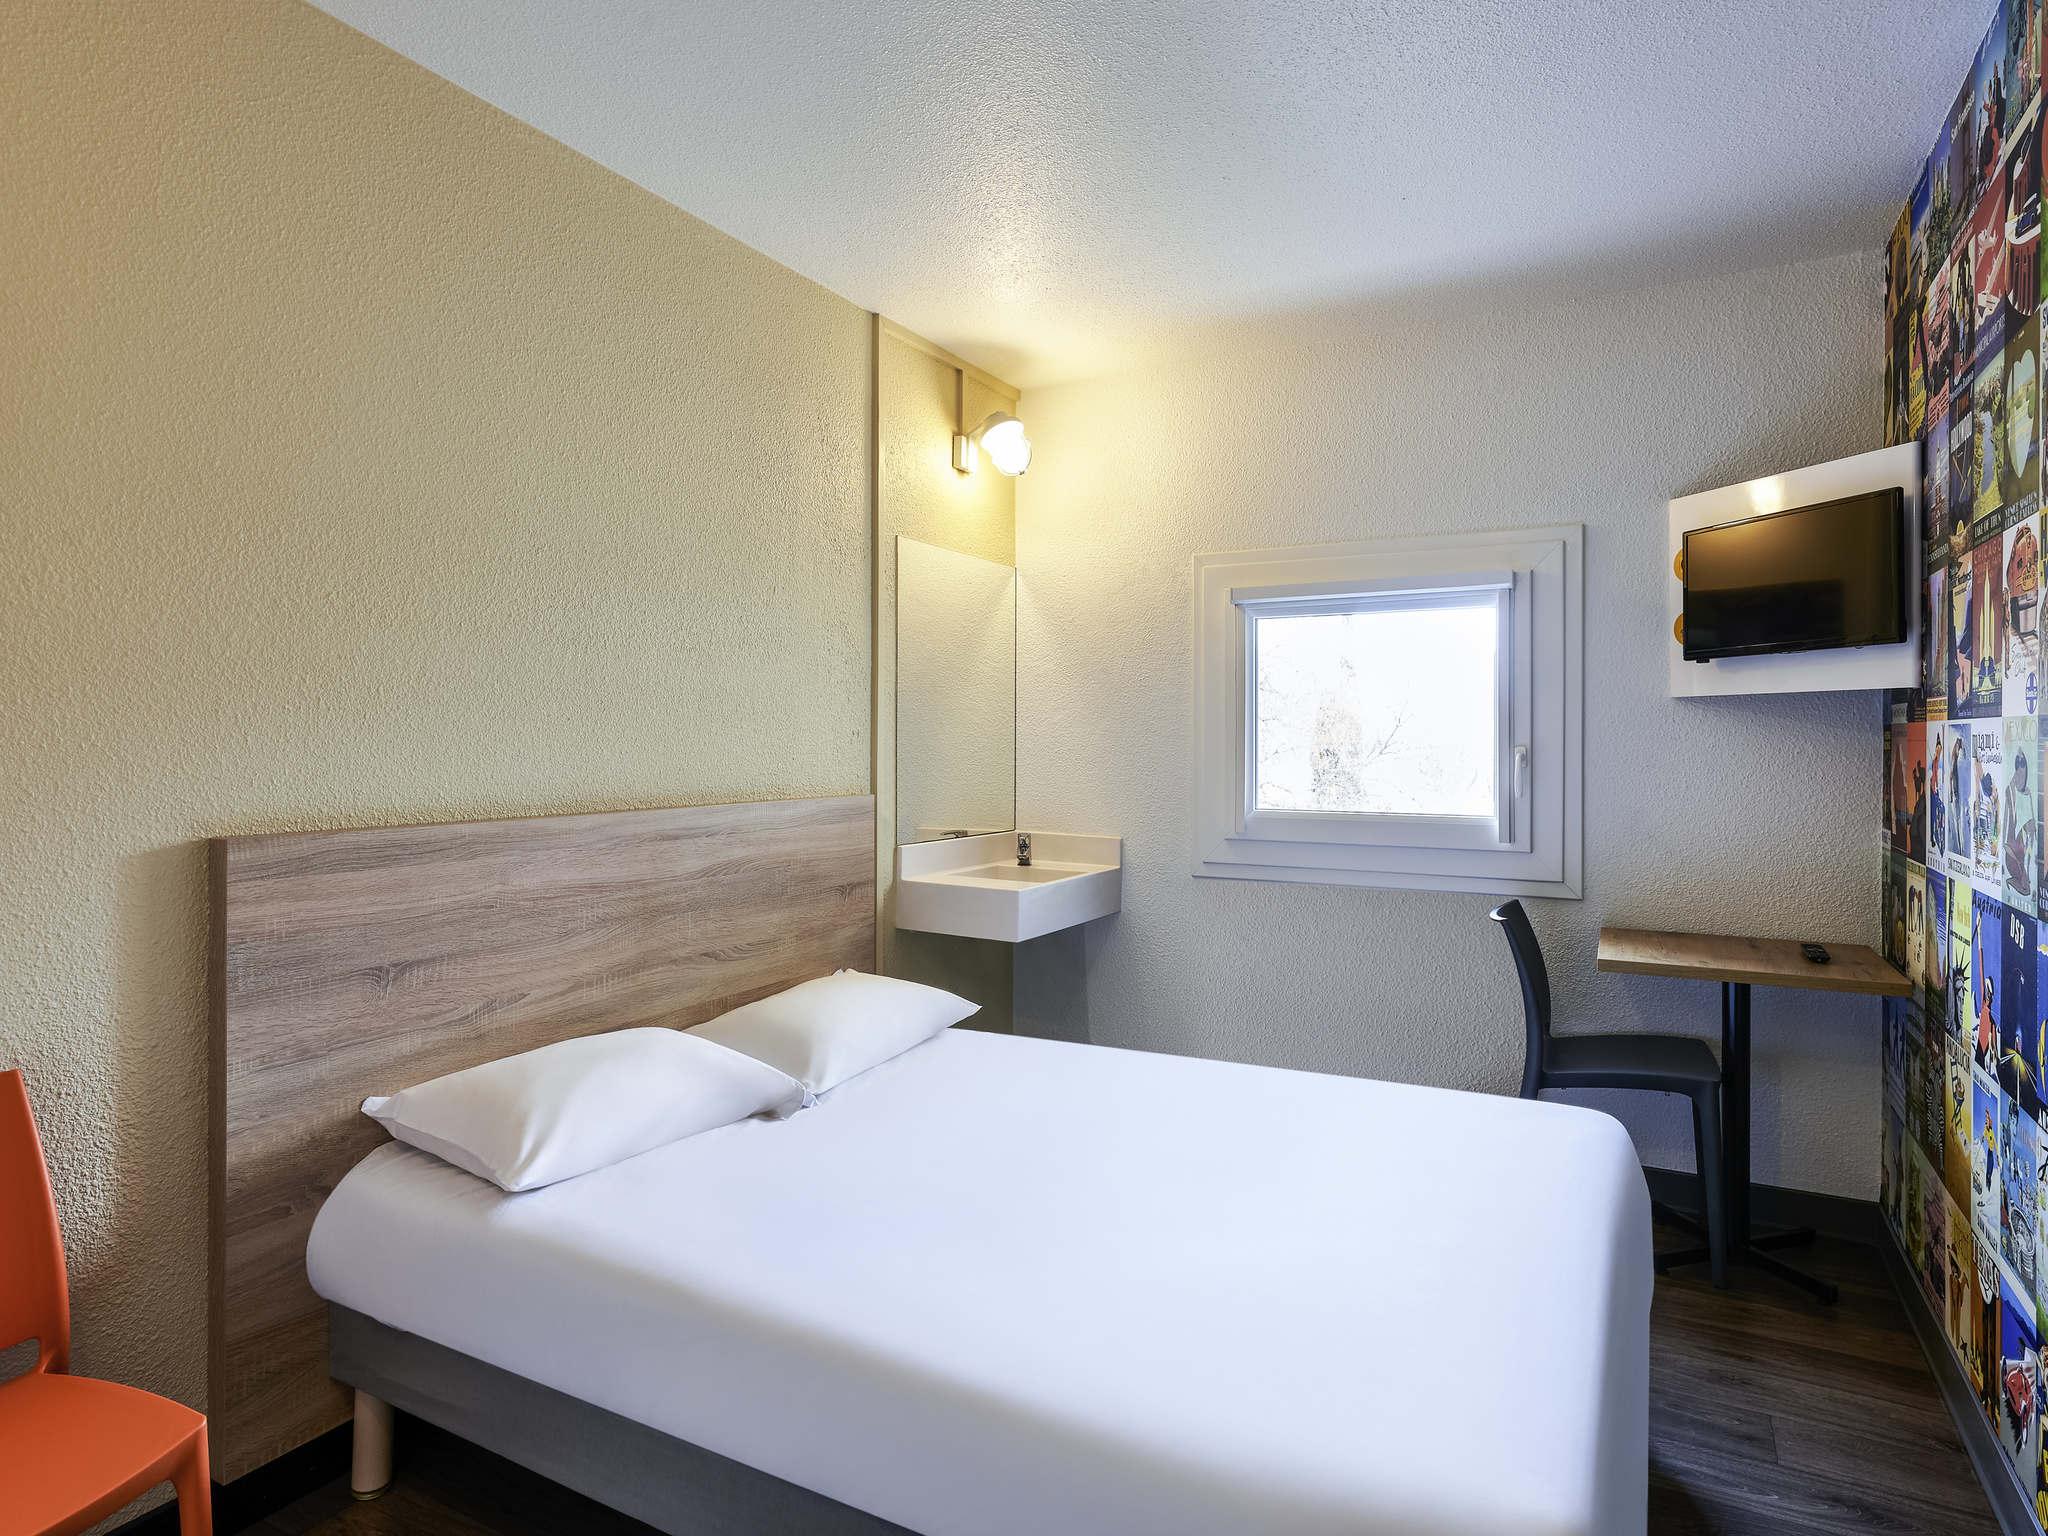 hotel em villeneuve d 39 ascq hotelf1 lille villeneuve d 39 ascq. Black Bedroom Furniture Sets. Home Design Ideas